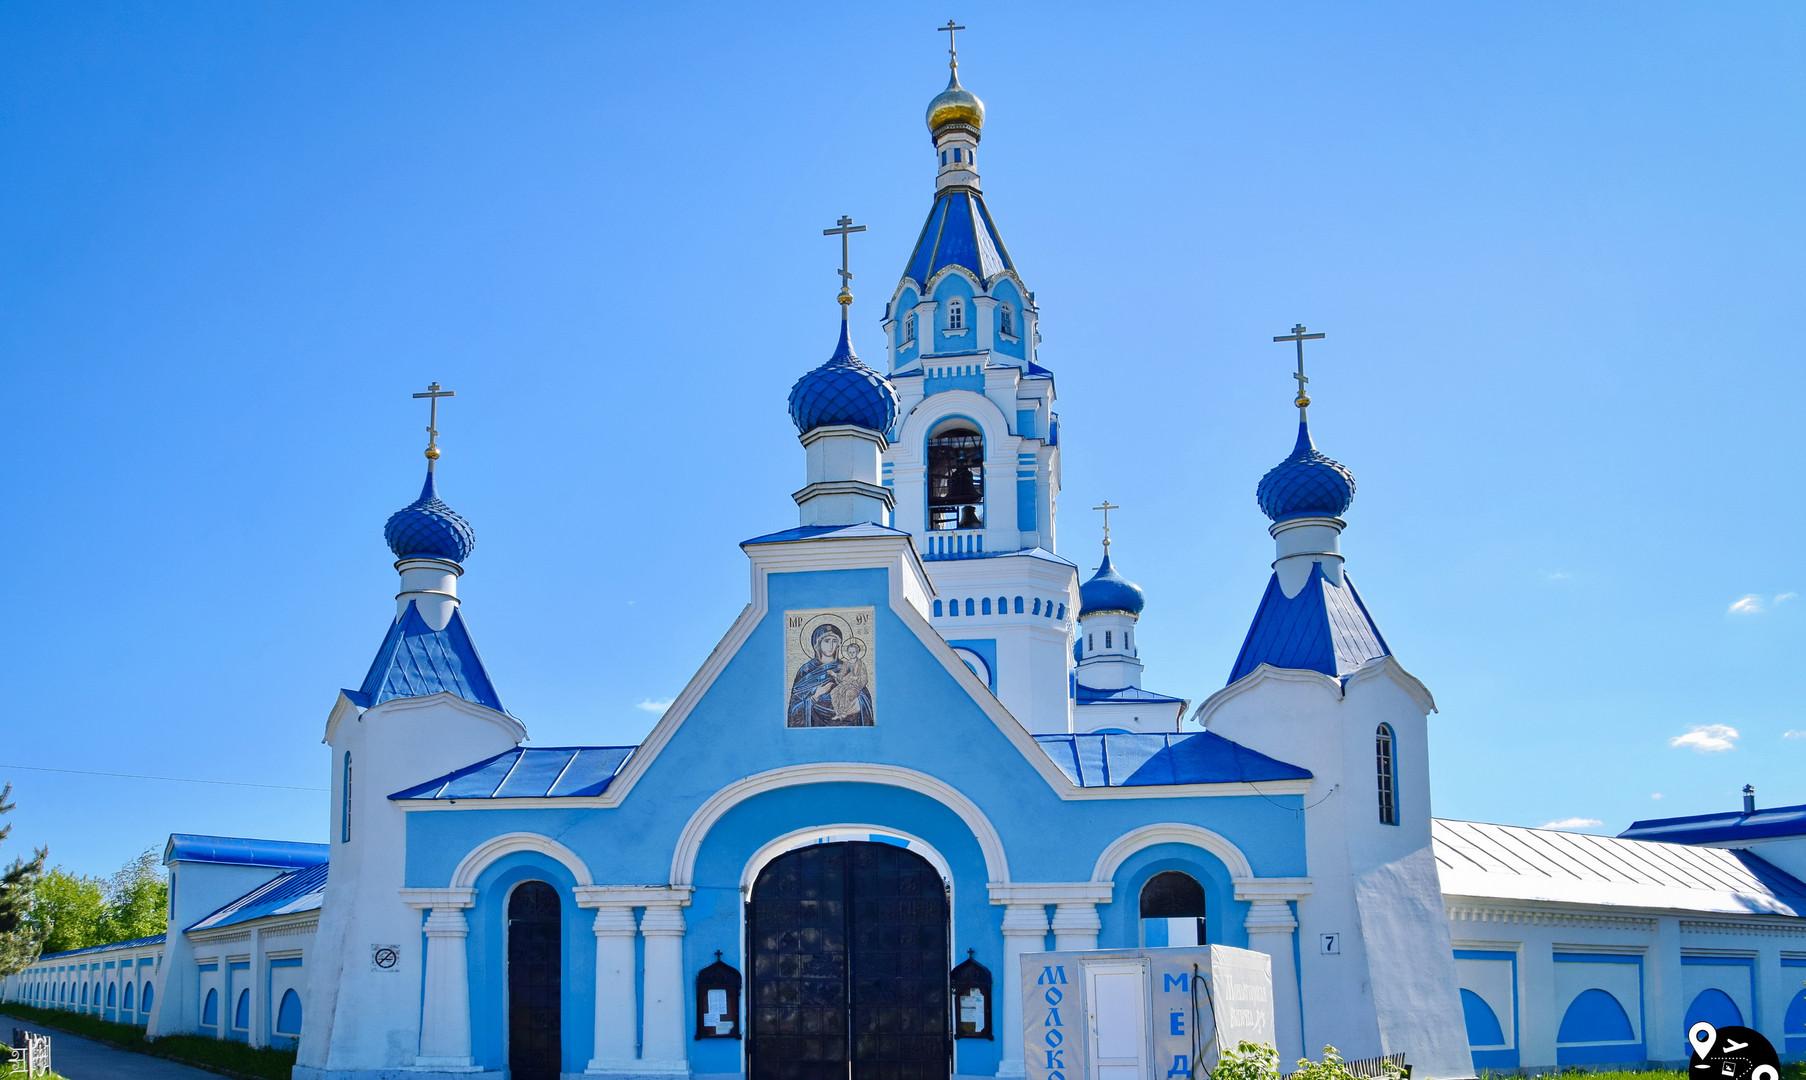 Скорбященская церковь, Иваново